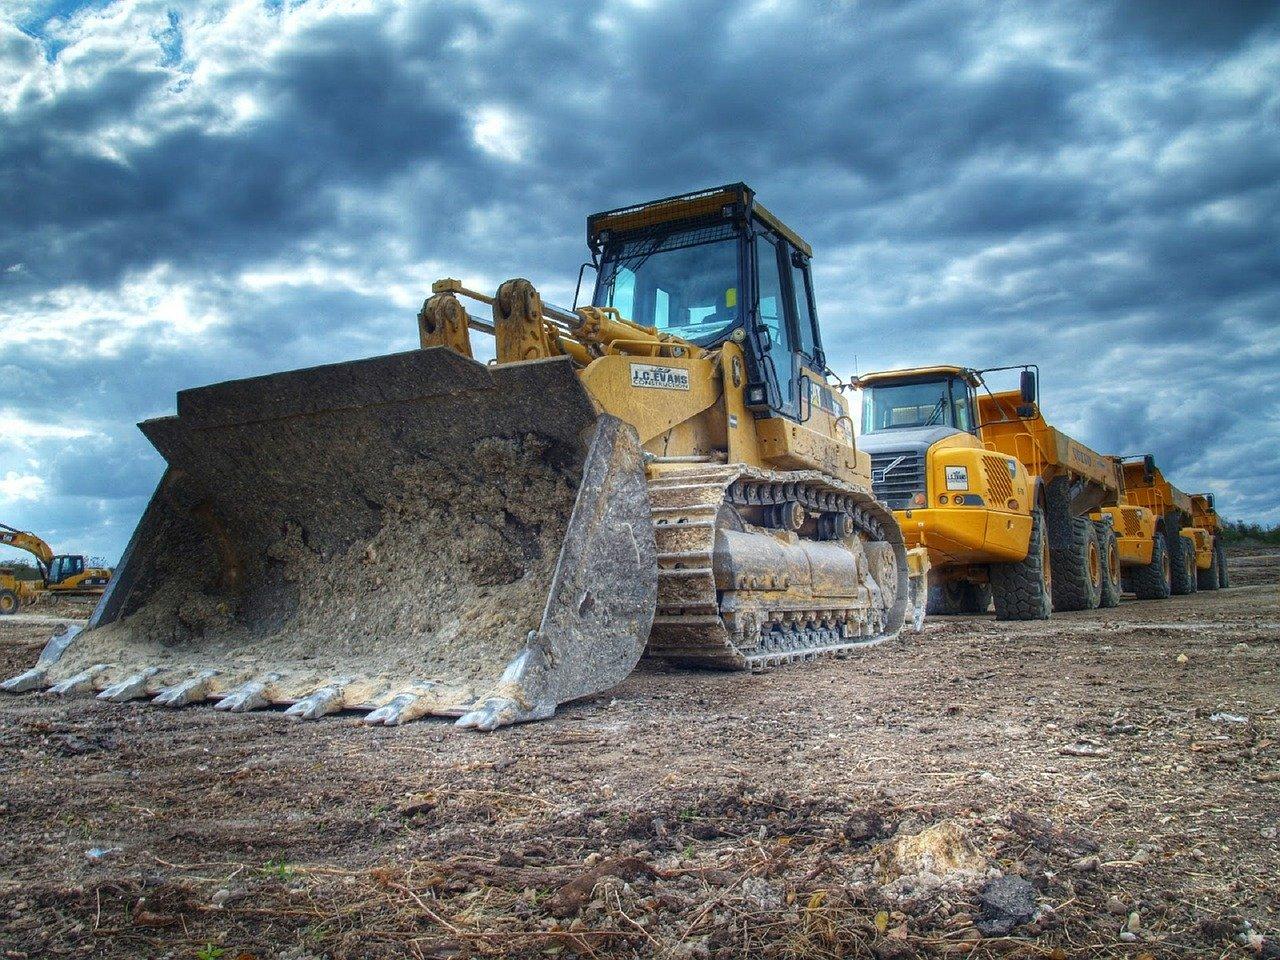 Korzyści z wynajmowania sprzętu budowlanego